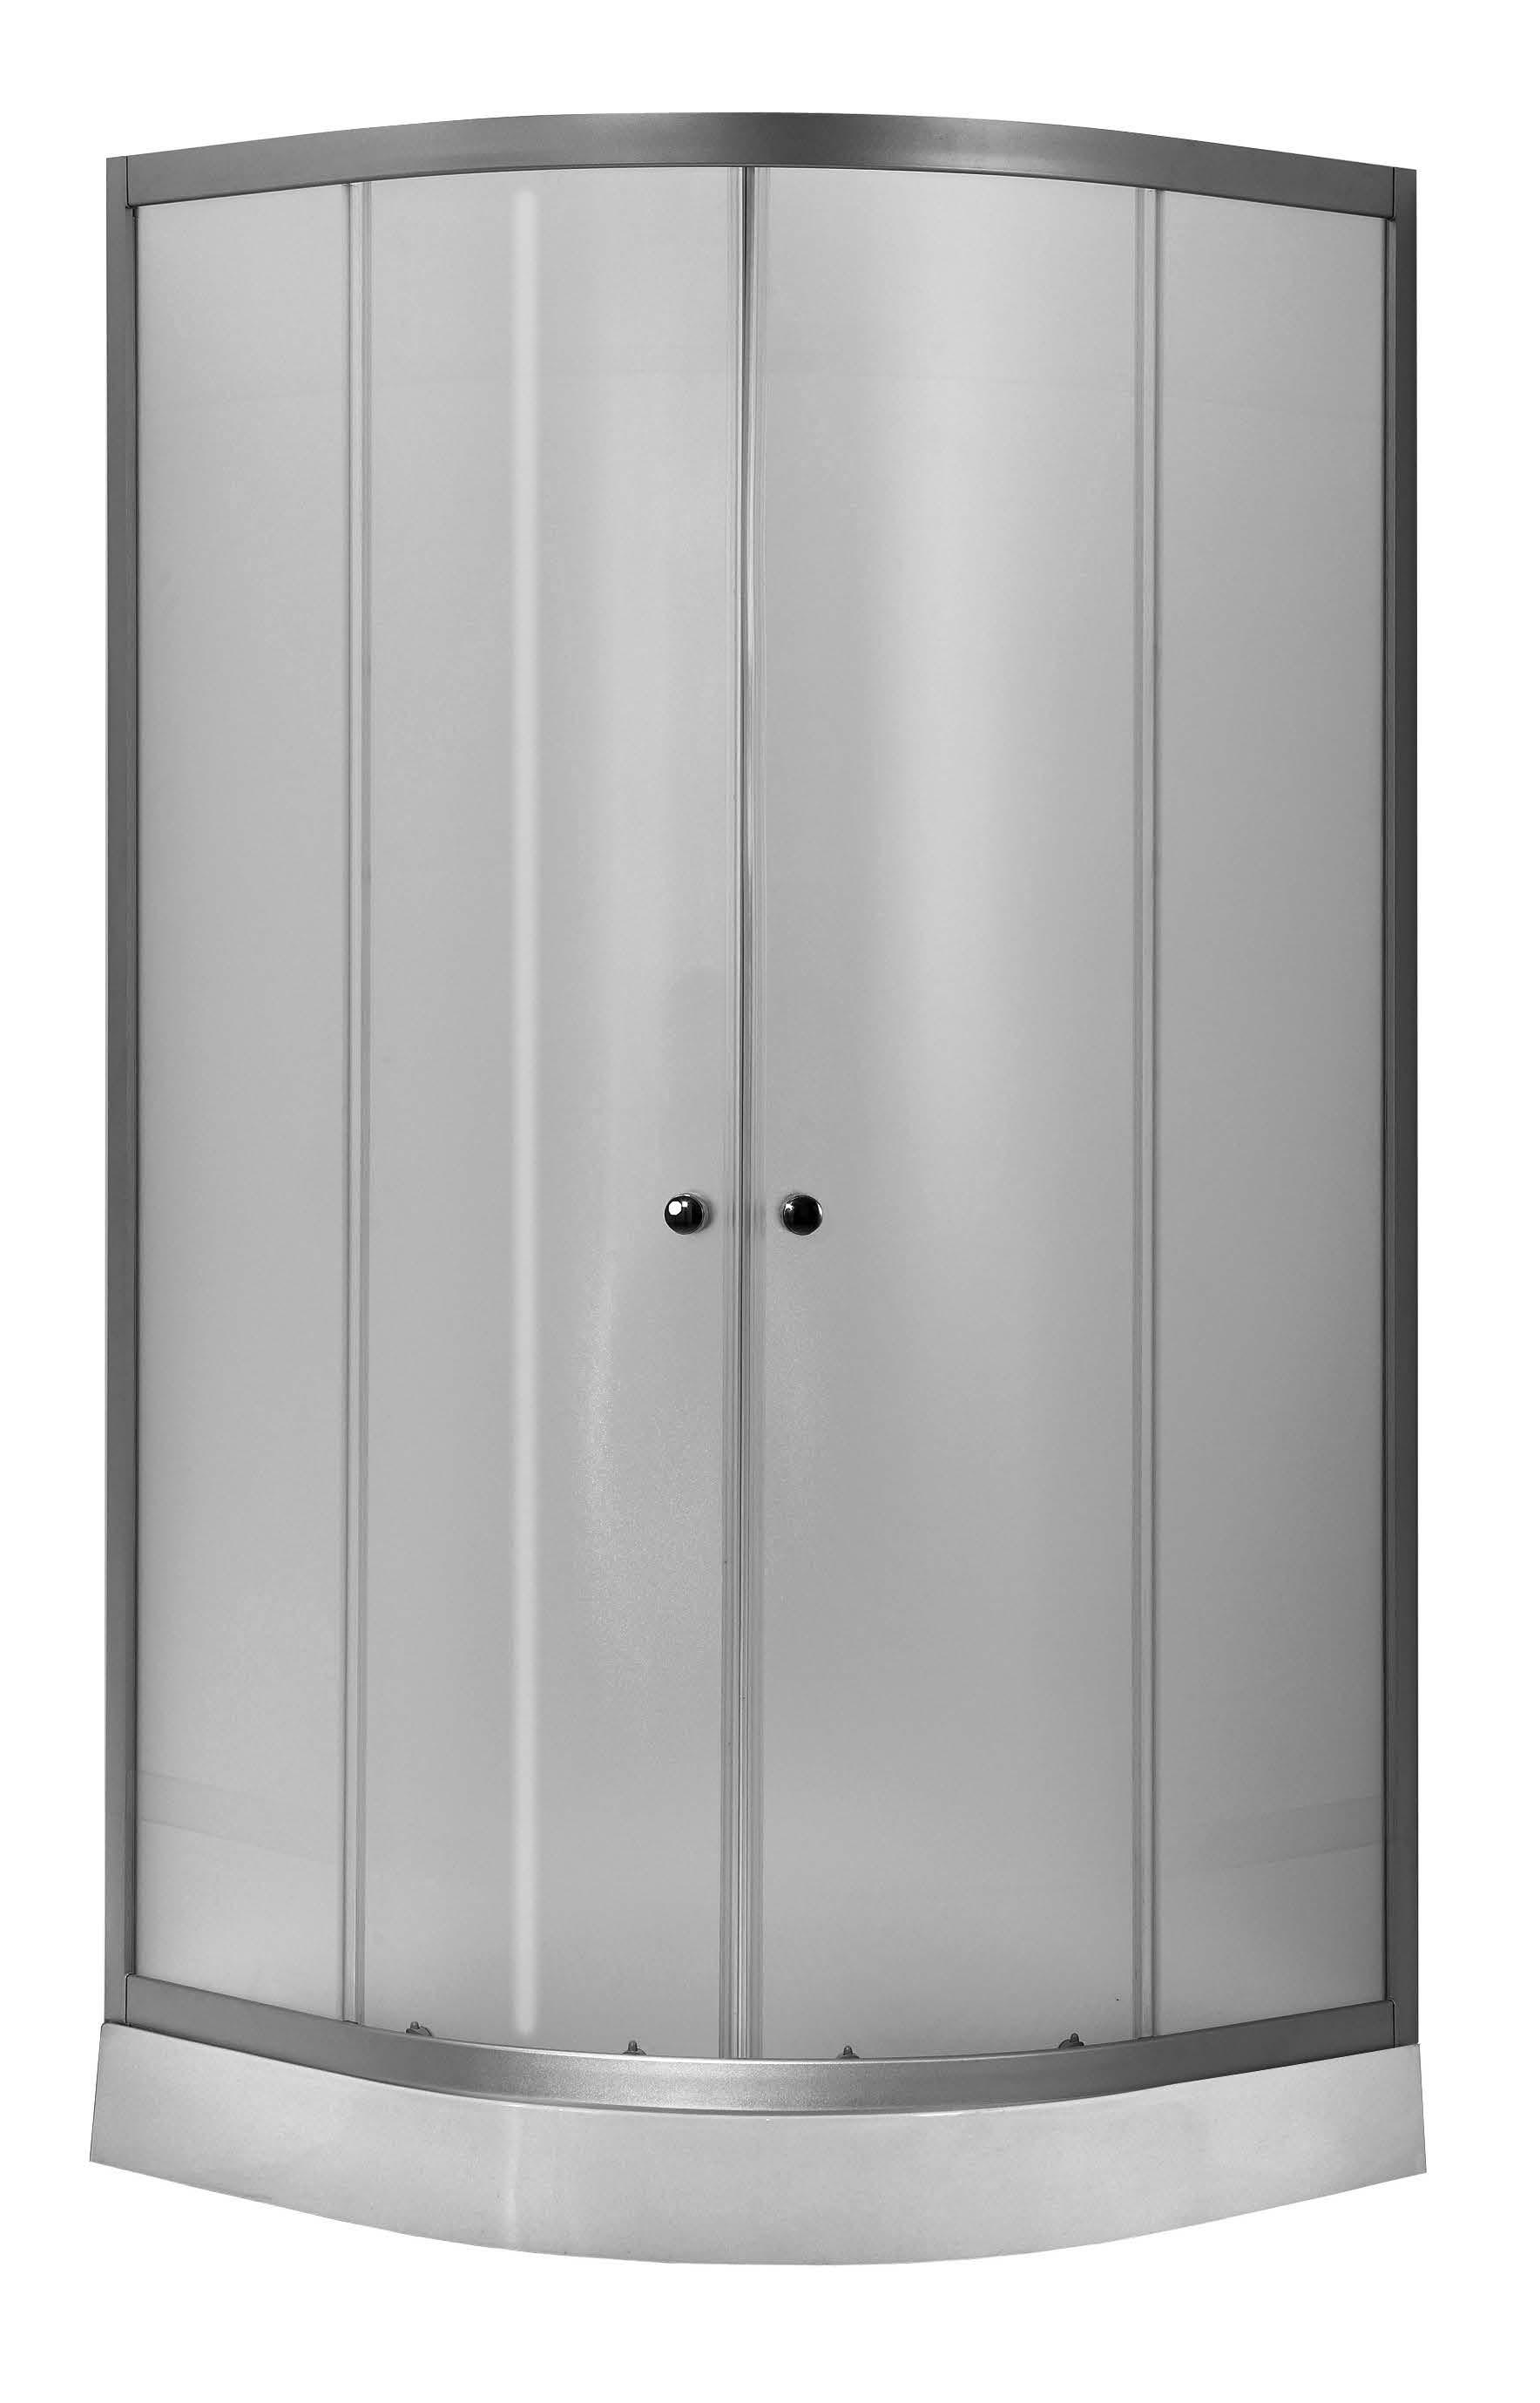 VIESTE 80 Woven Well sprchový kout s nízkou vaničkou, skladem